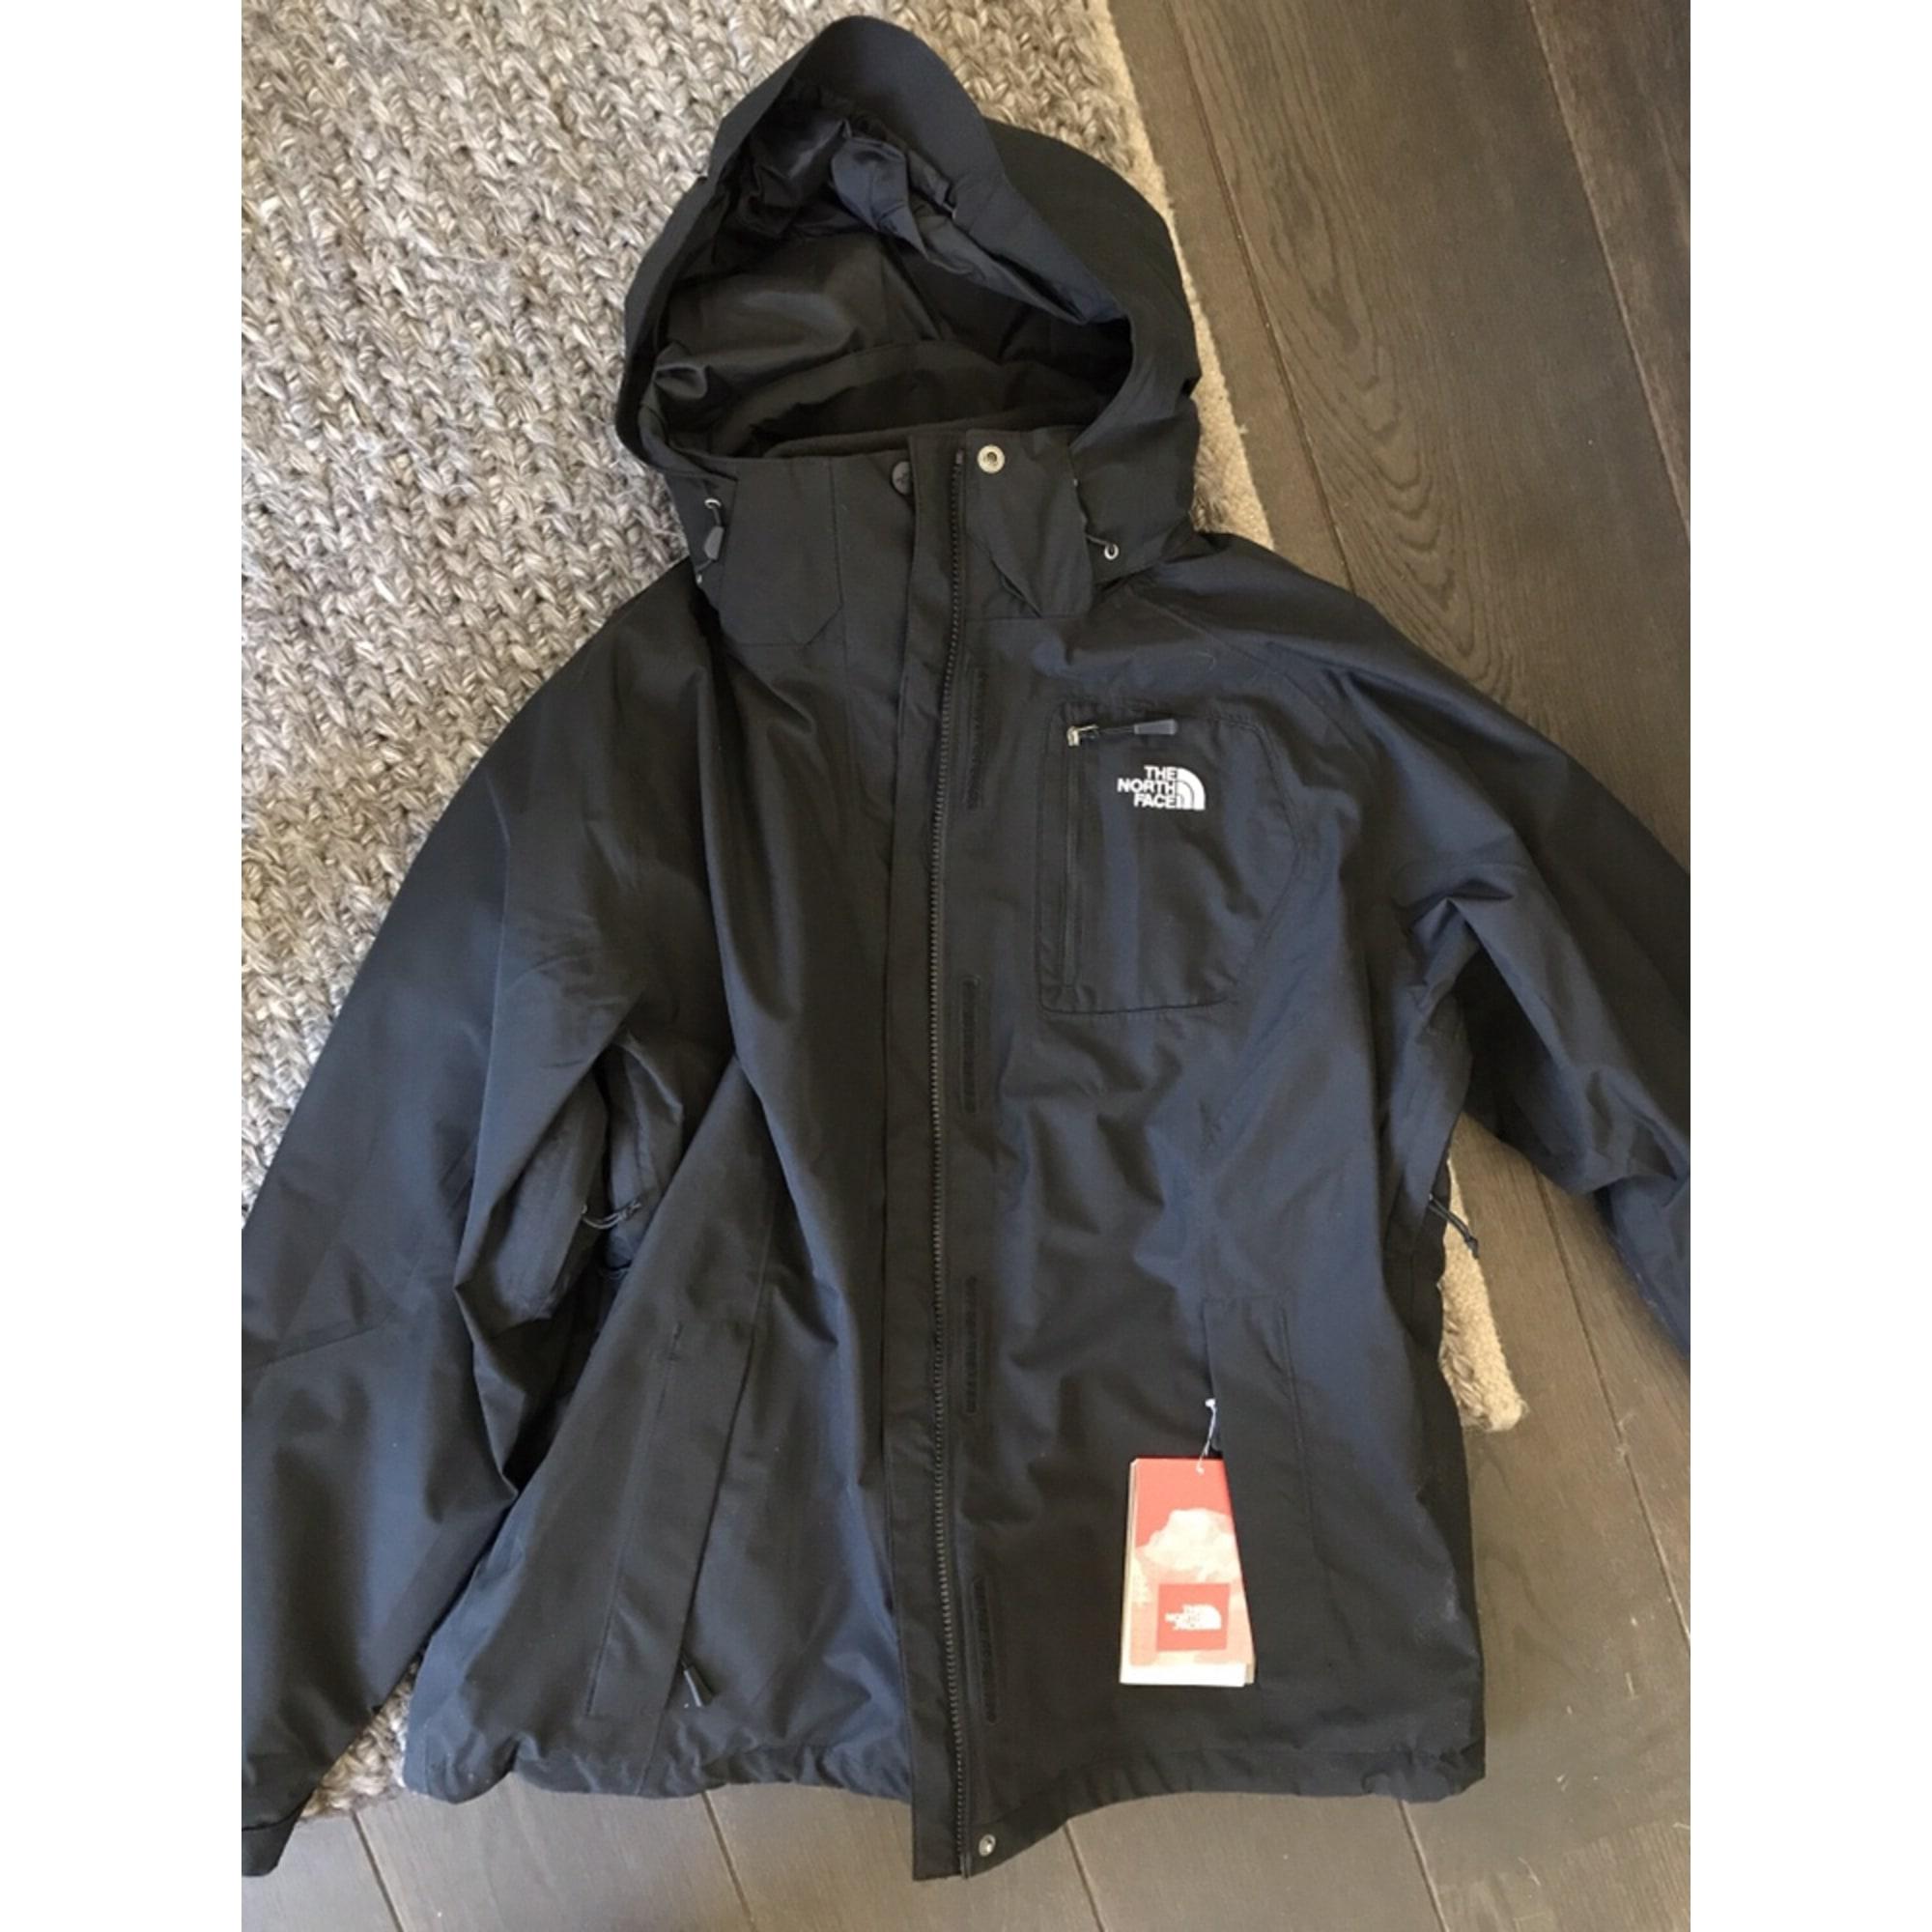 The North Face Homme blouson Neuf veste imperméable Noir Taille XL